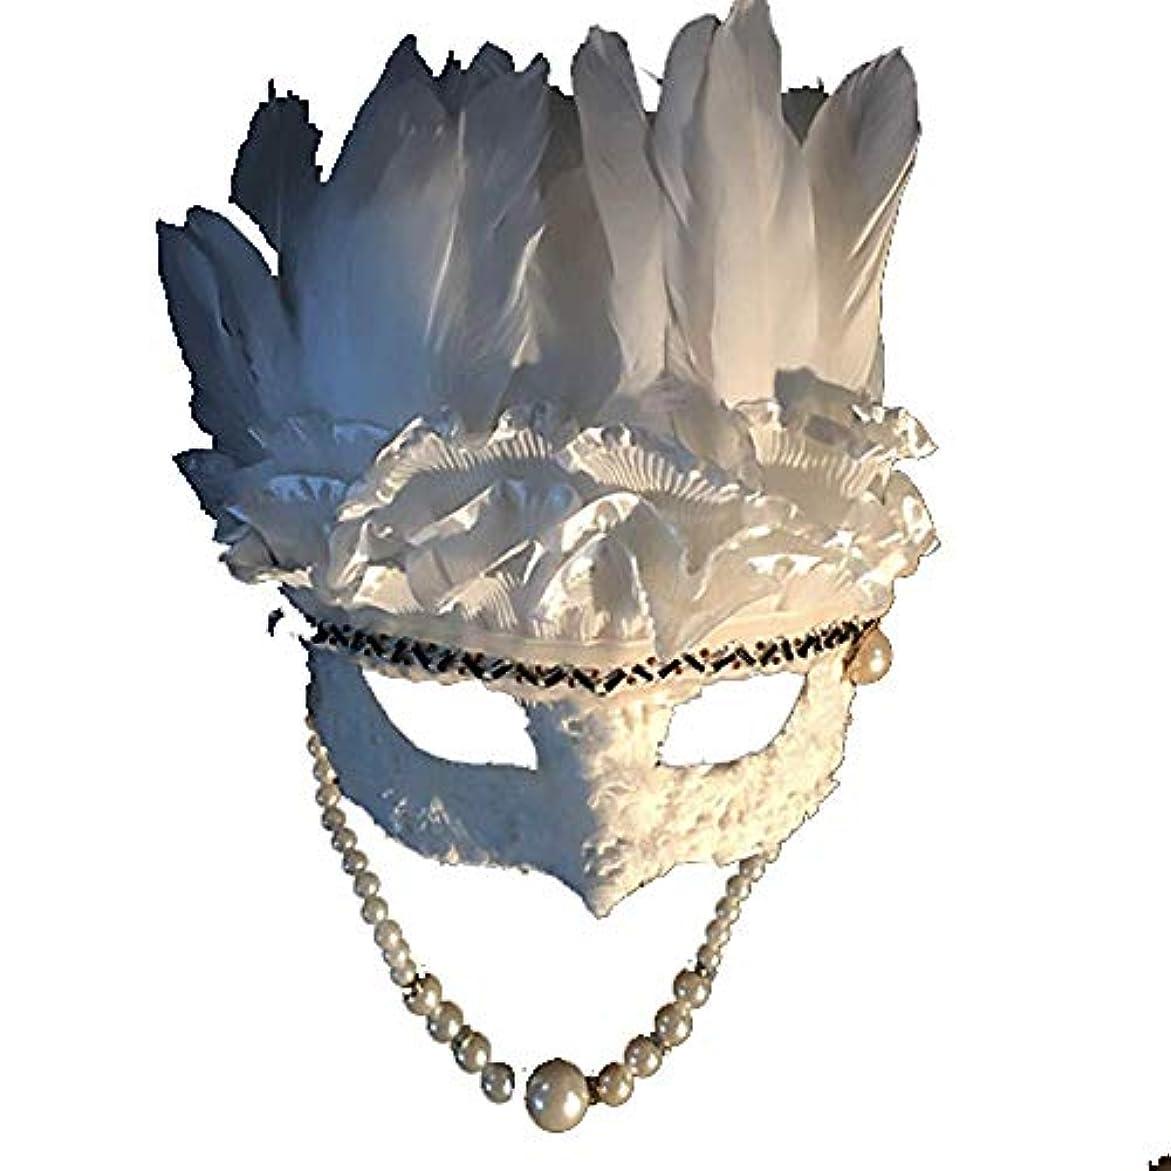 初心者引退するむき出しNanle ハロウィンクリスマスフェザースパンコール刺繍ビーズマスク仮装マスクレディミスプリンセス美容祭パーティーデコレーションマスク